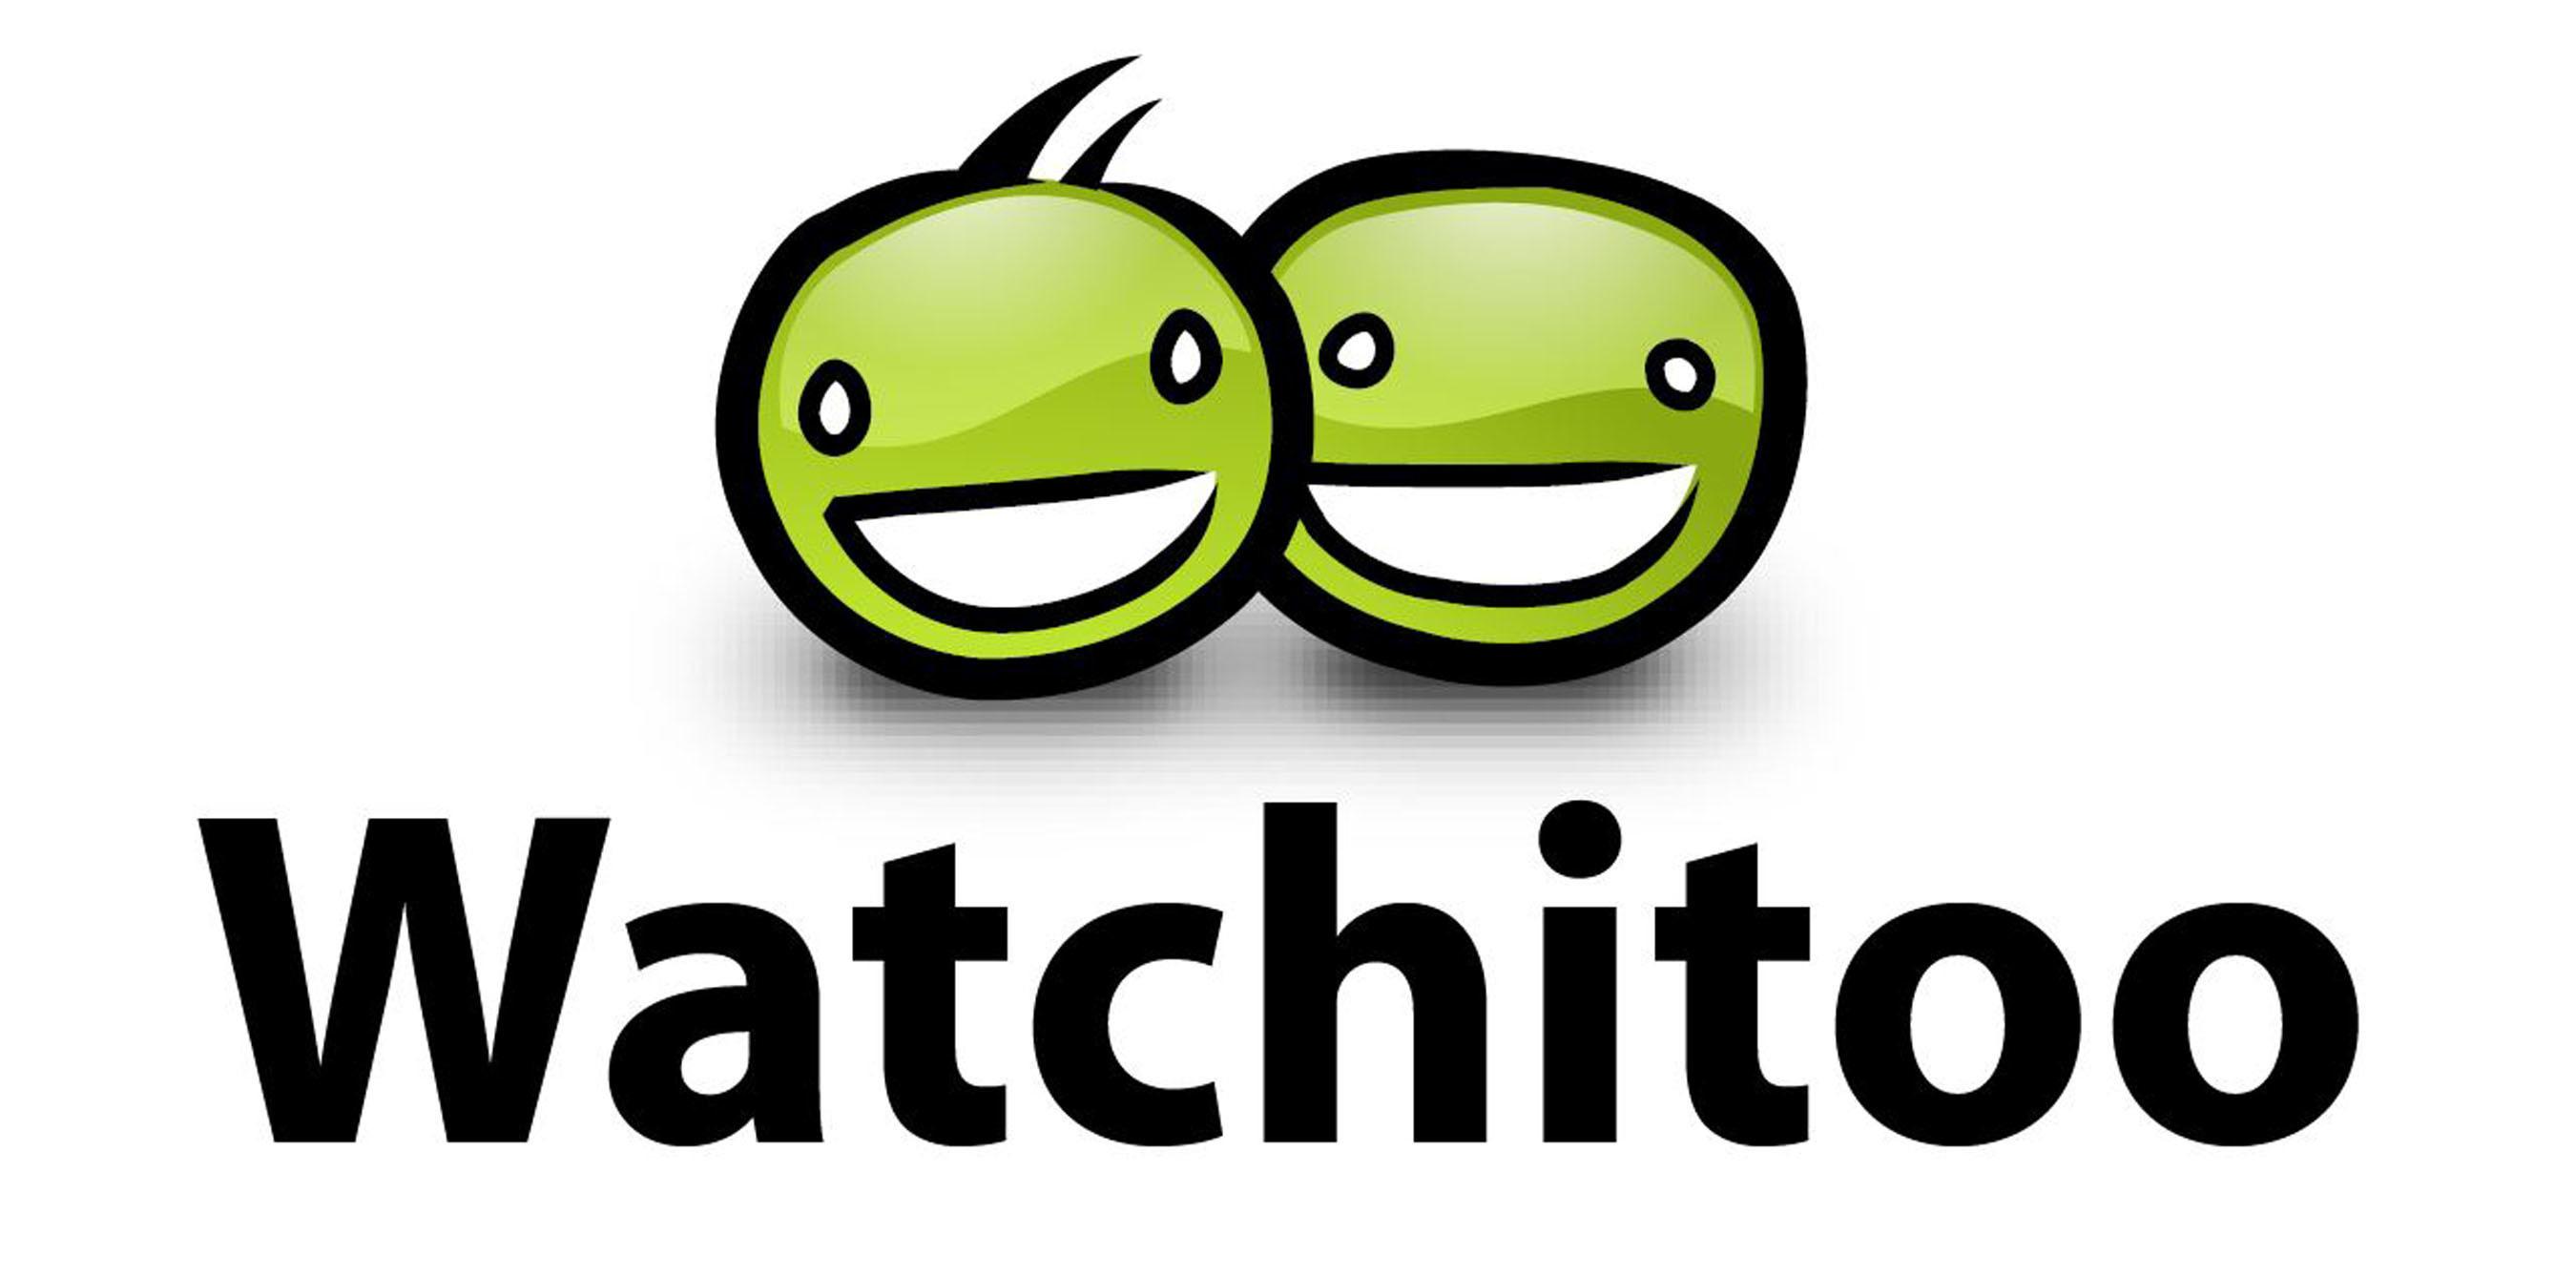 www.watchitoo.com (PRNewsFoto/Watchitoo, Inc.)